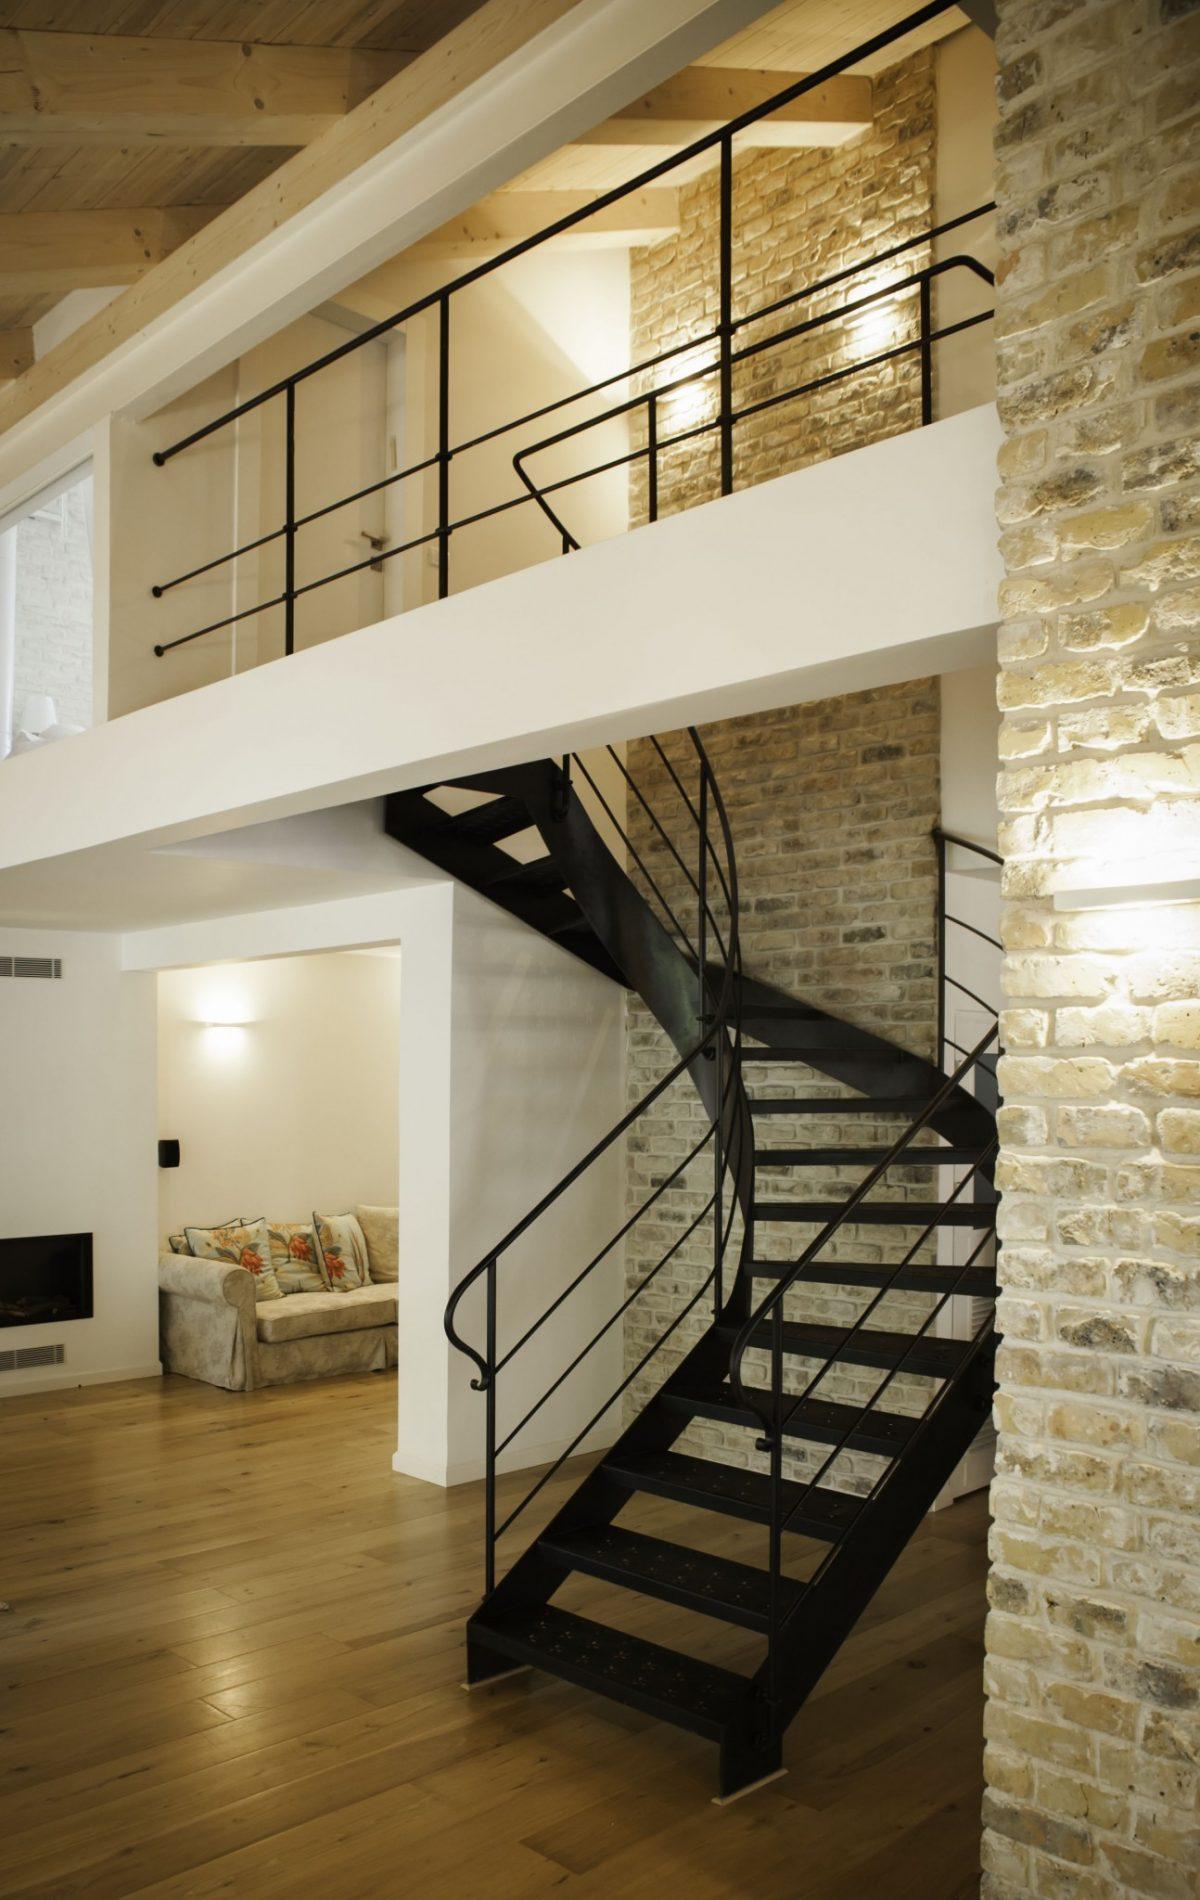 גרם המדרגות – מדרגות עם חיתוכי לייזר – יוצרים תחושה אוורירית - ארטפרו